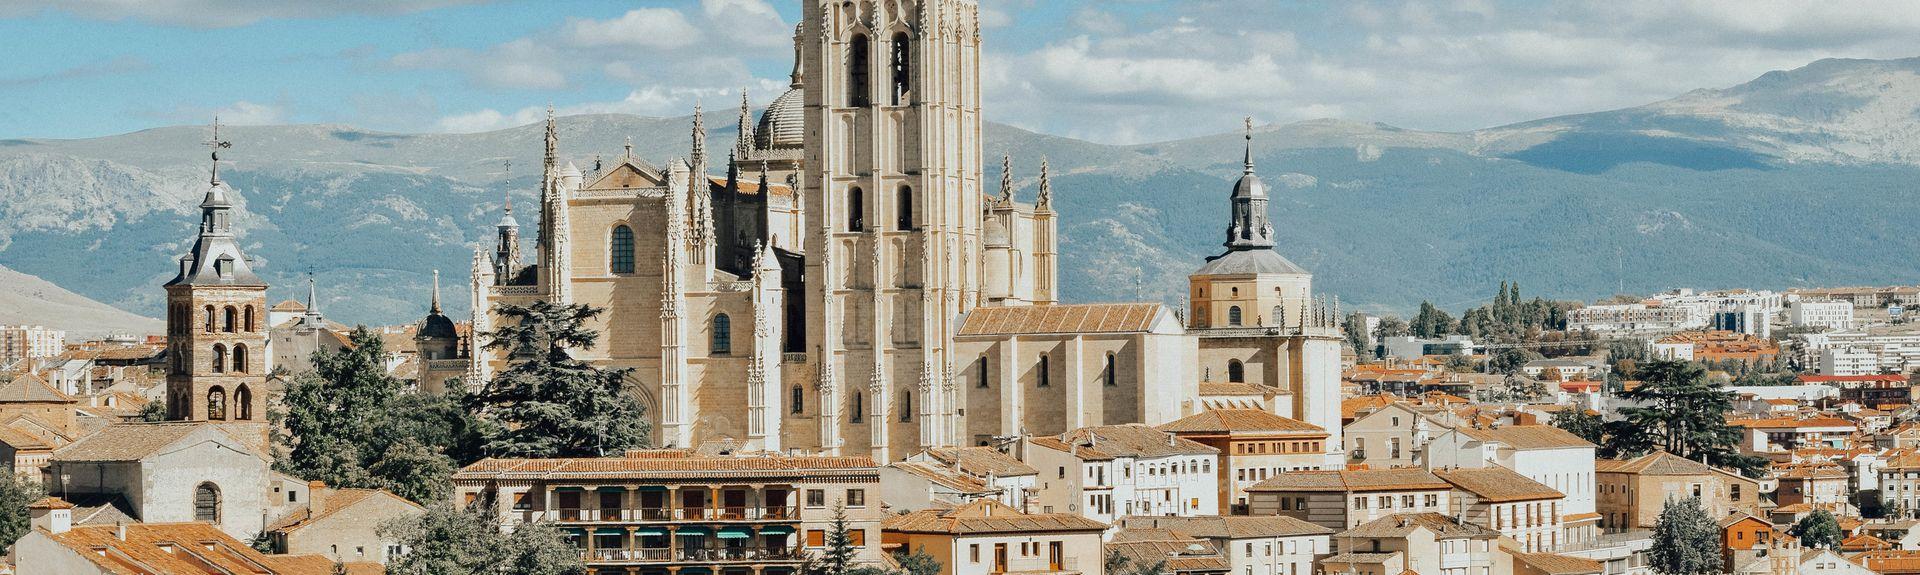 Segovia, Kastilien und León, Spanien